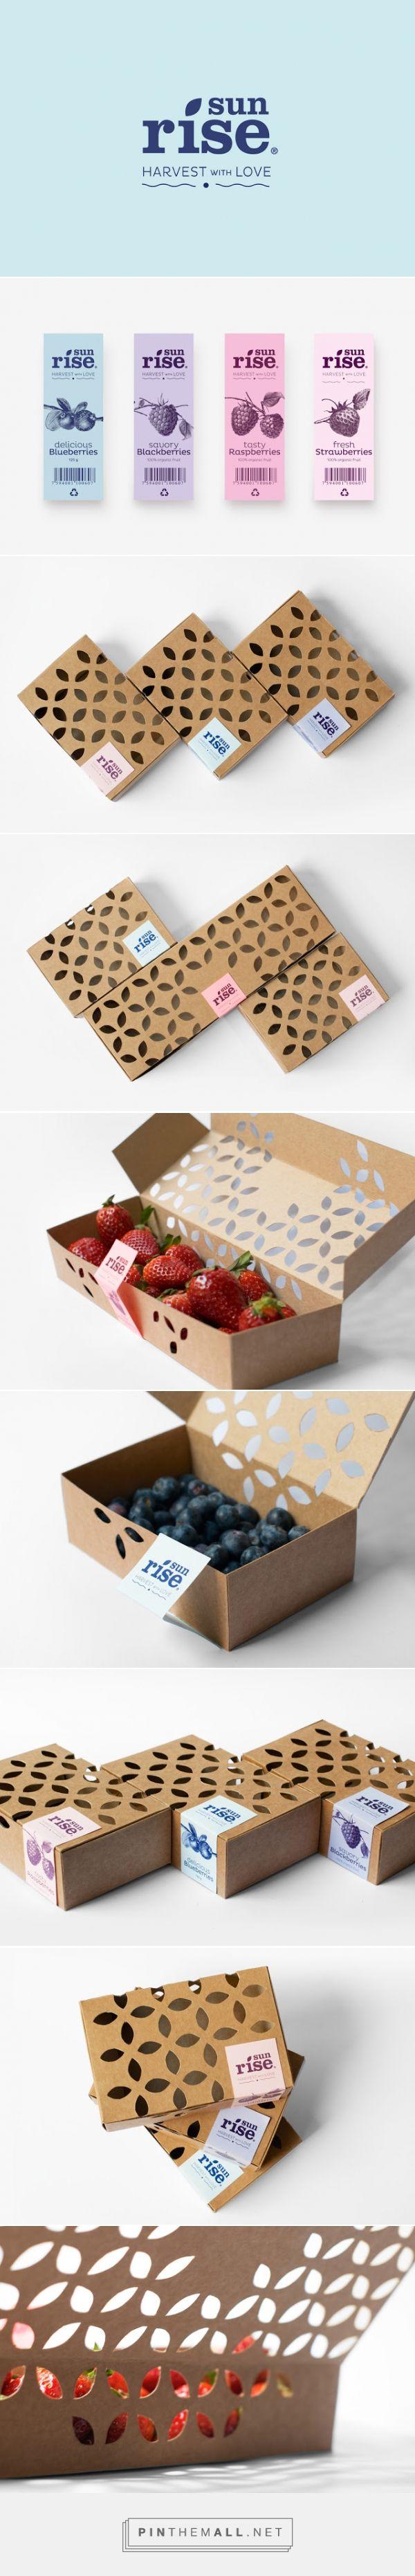 Sunrise #concept #fruits #packaging by Silvia Albertí, María Duriana Rodríguez & Diego Frayle